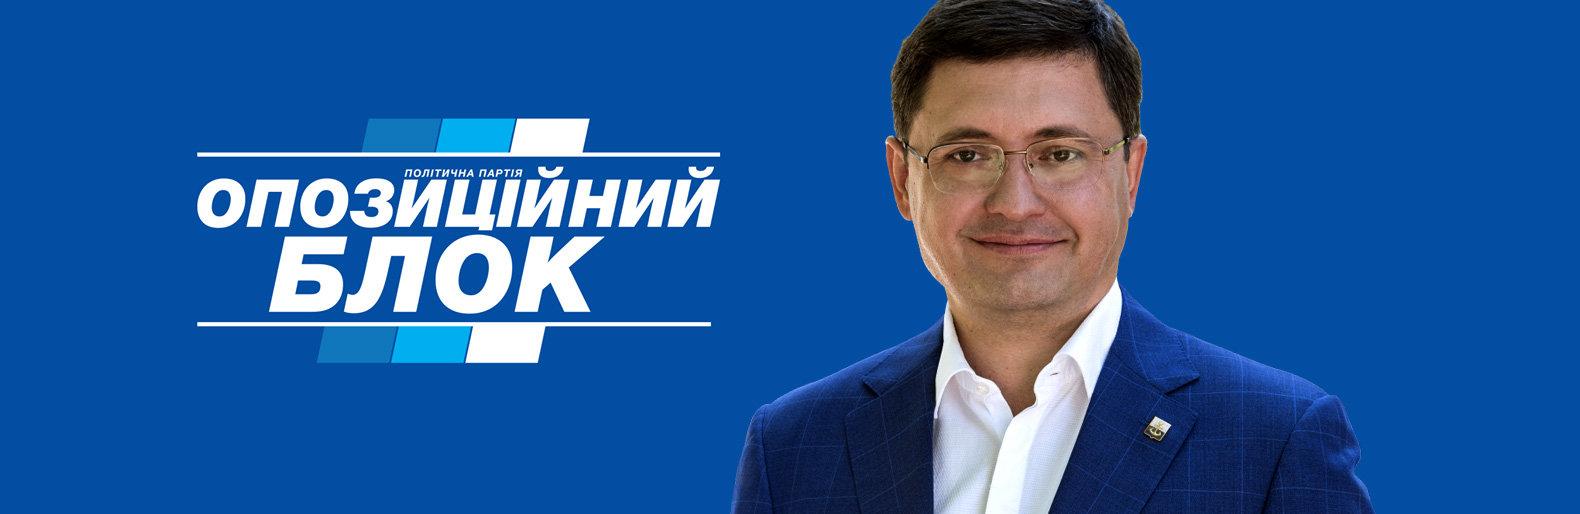 «Государство искусственно блокирует децентрализацию», - мэр Мариуполя Вадим Бойченко